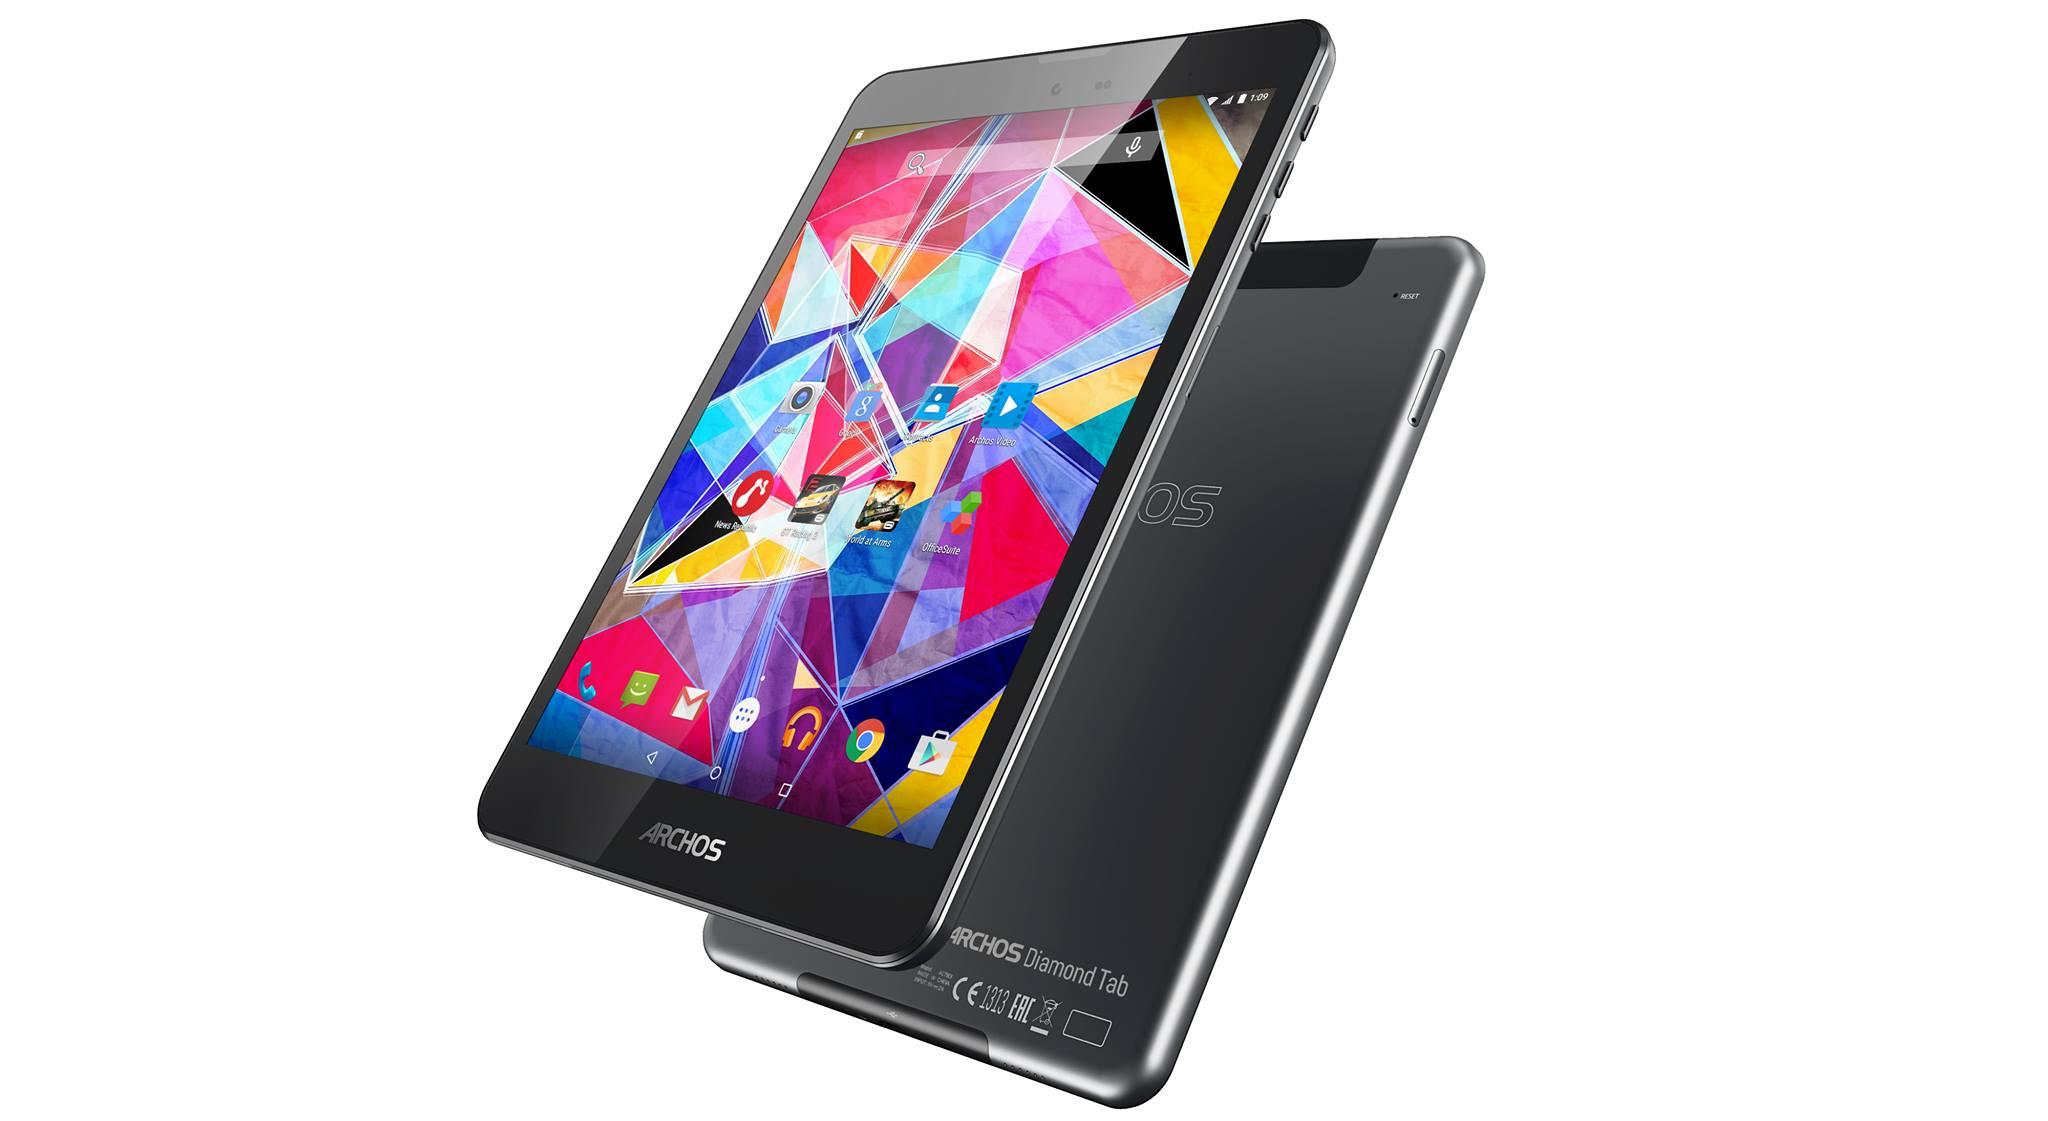 IFA 2015 : Archos annonce la Diamond Tab, 3 Go de RAM dans une tablette à moins de 200 euros